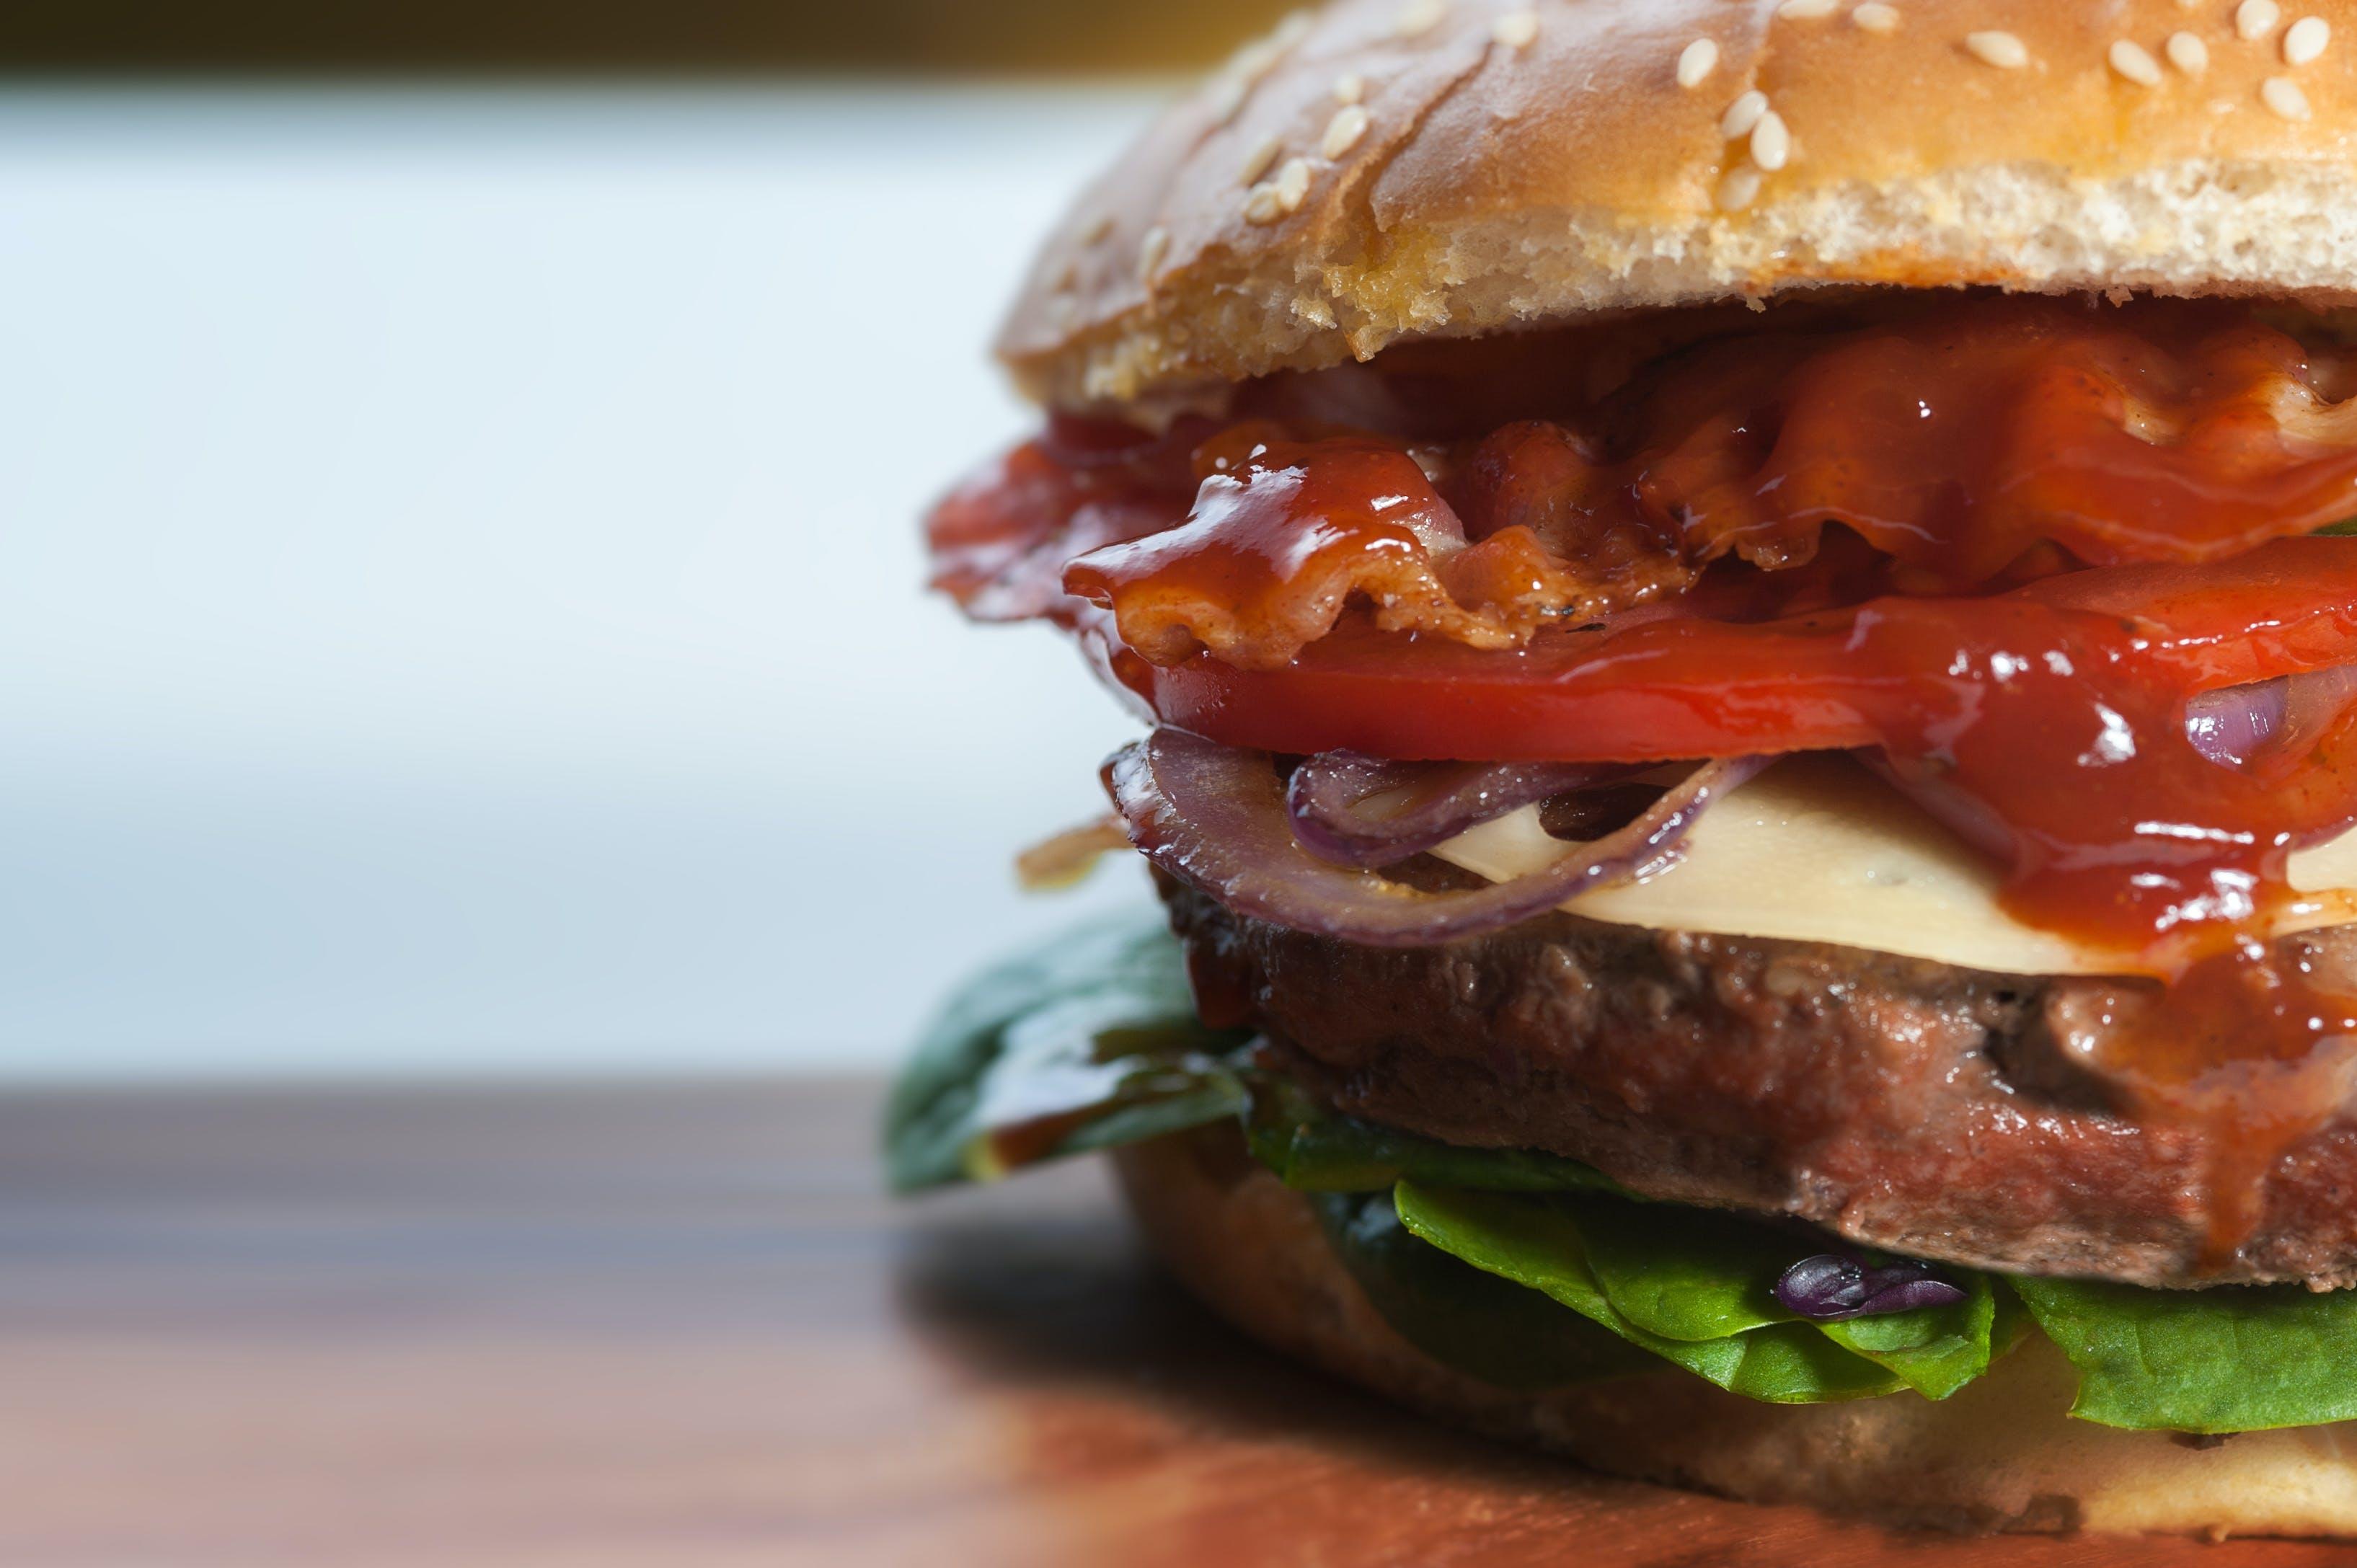 Kostenloses Stock Foto zu essen, ungesund, fast food, hamburger